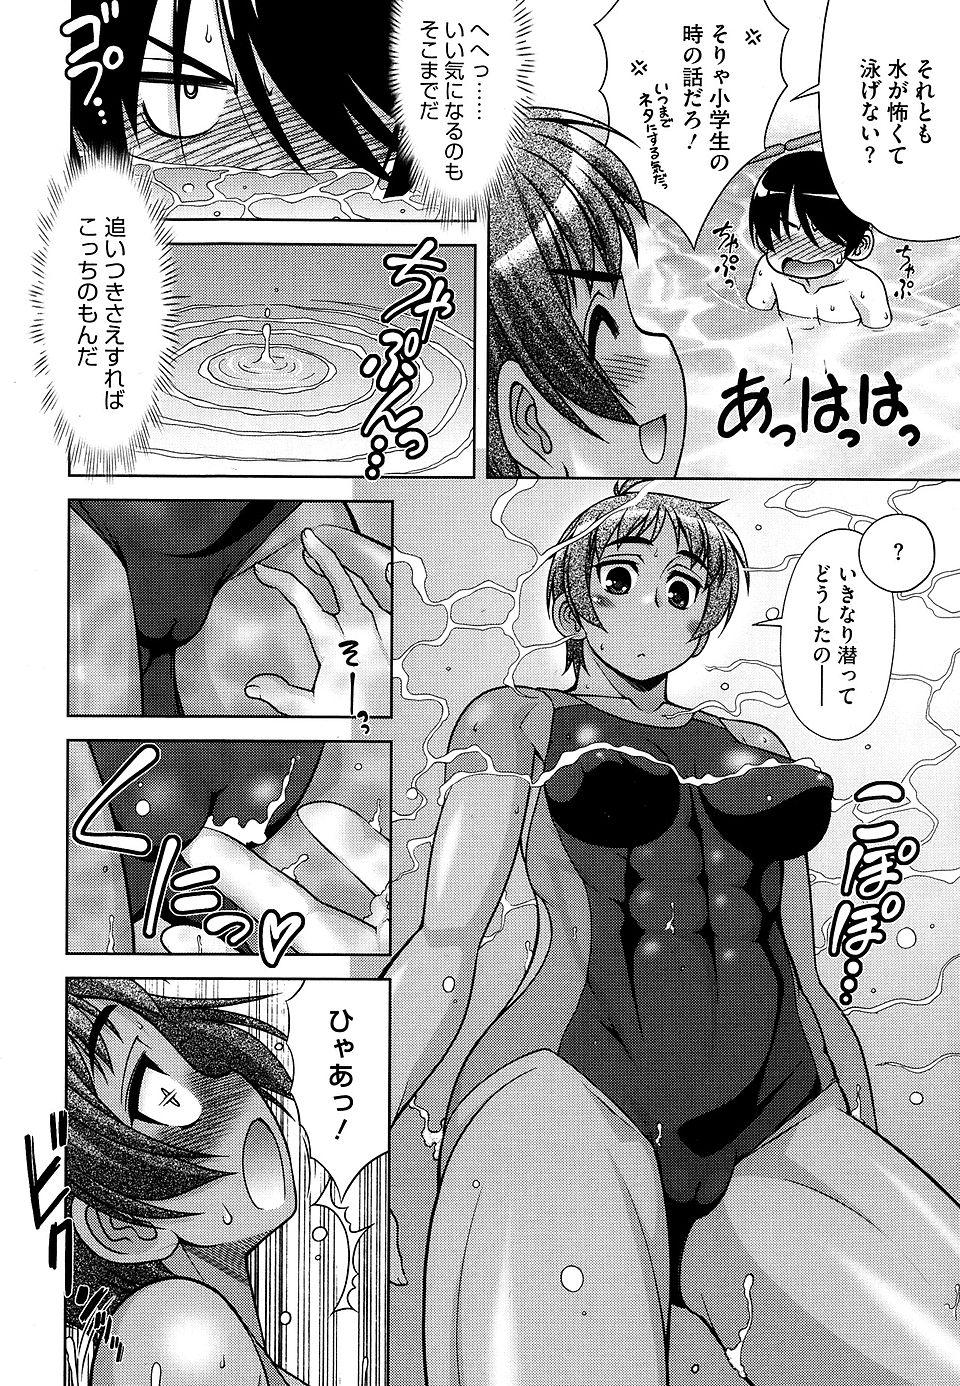 【エロ漫画】巨乳彼女とプールでセックスwww【無料 エロ同人誌】 (6)